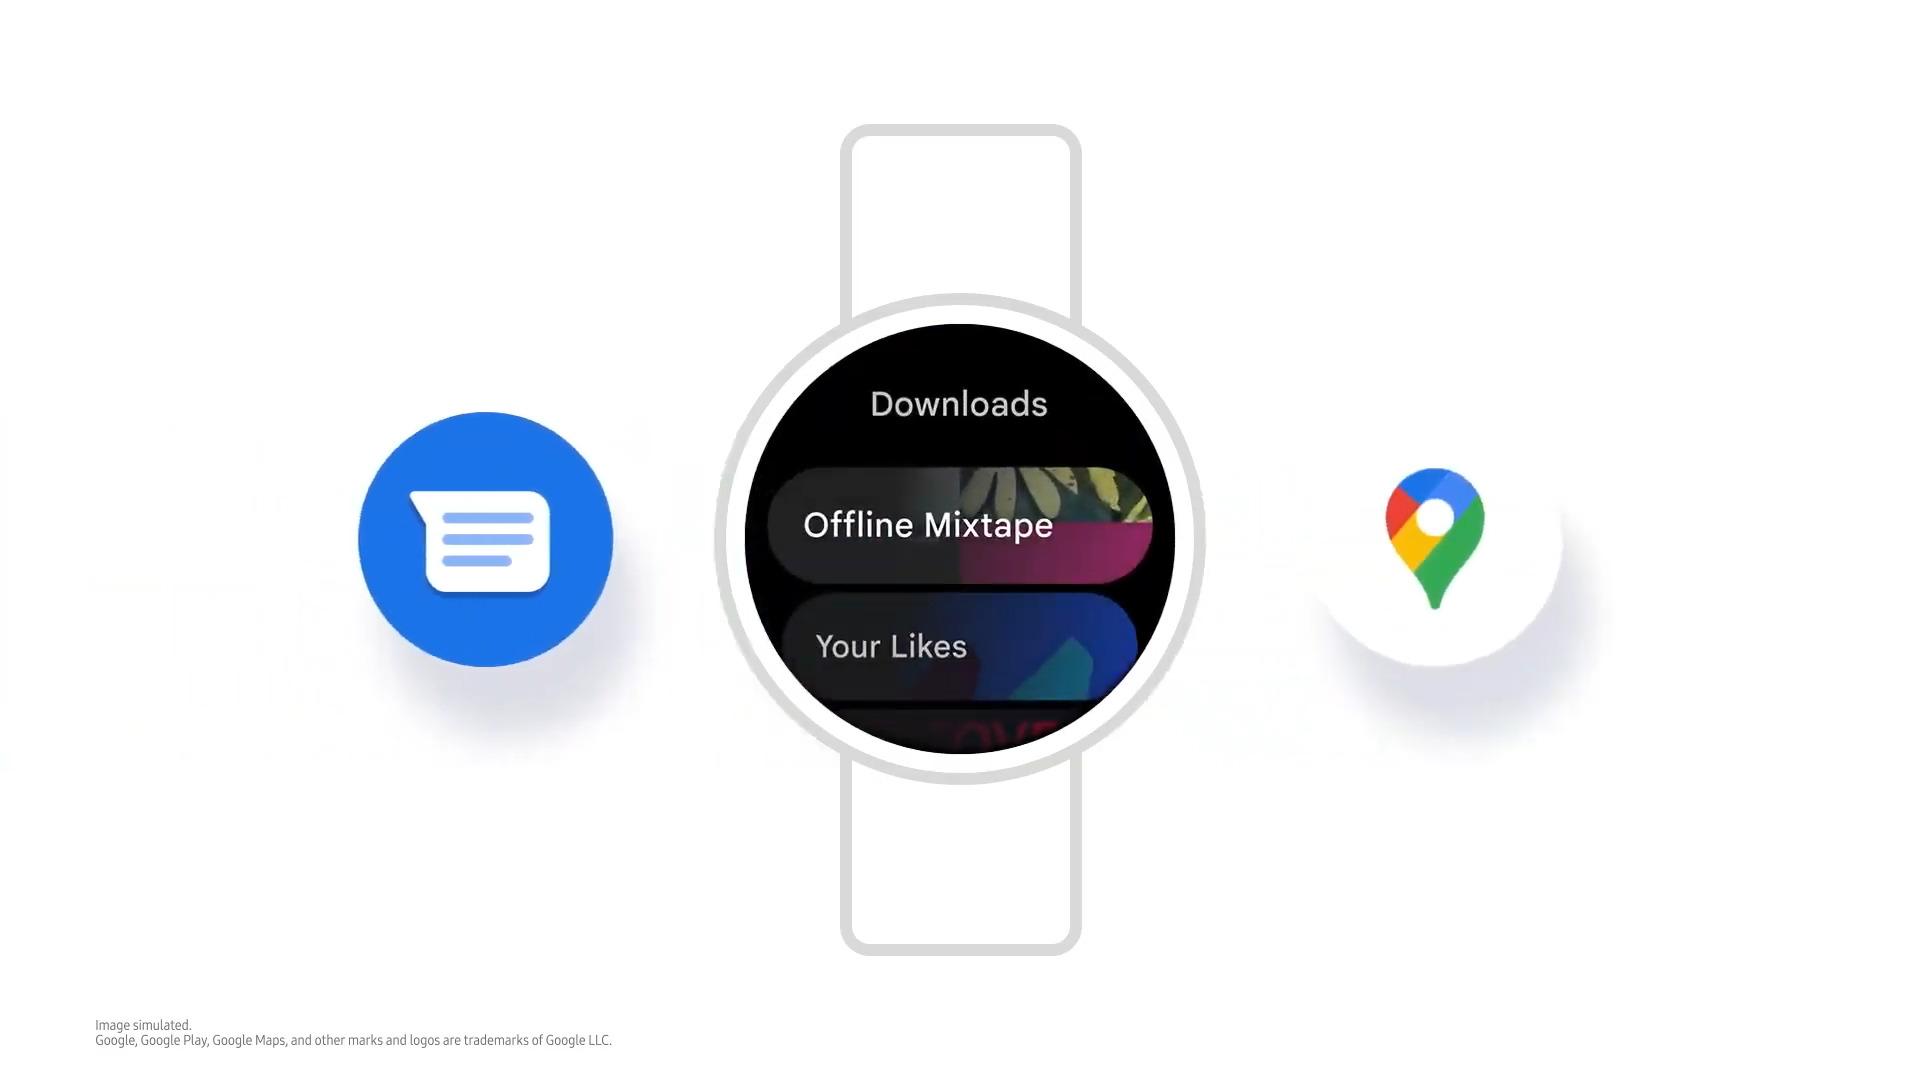 Samsung annonce One UI Watch, la gronde contre Nvidia Shield TV, l'arrivée du Snapdragon888 Plus – Tech'spresso